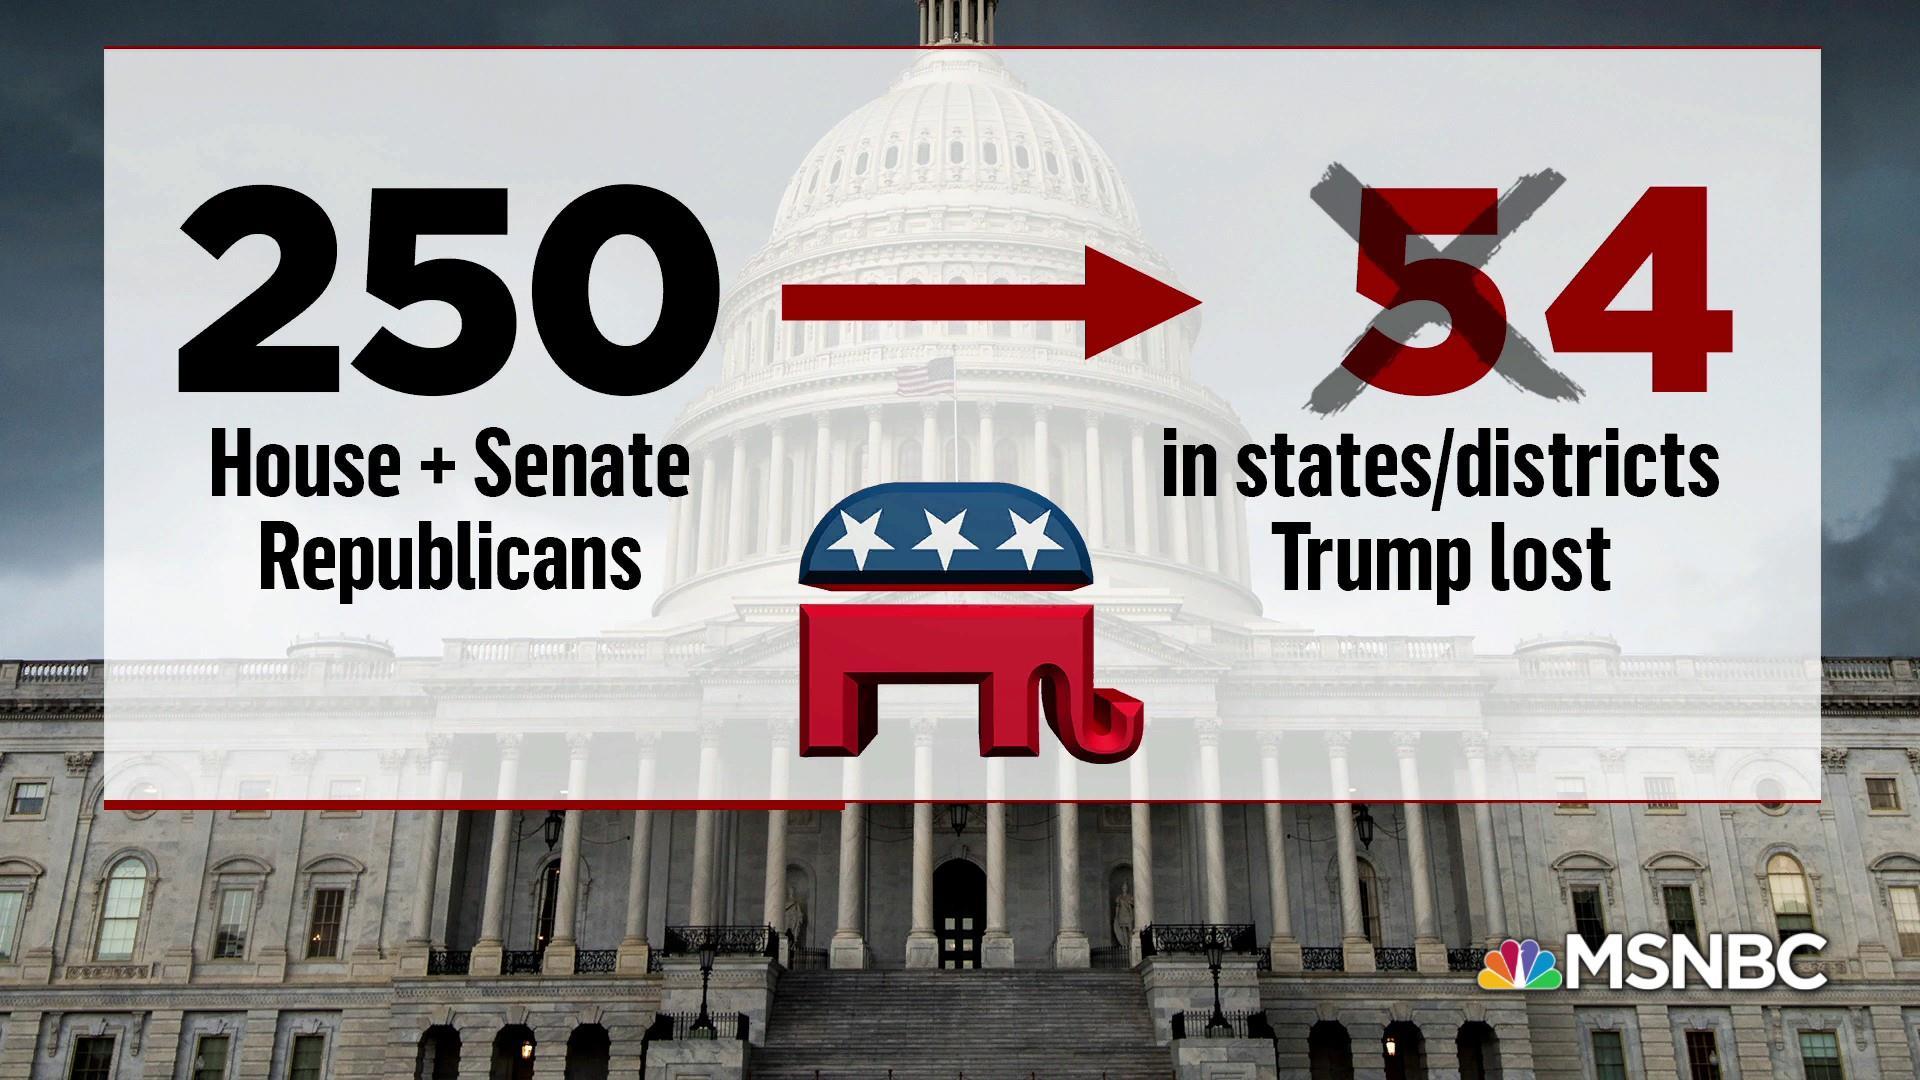 Retirements among establishment House Republicans surging